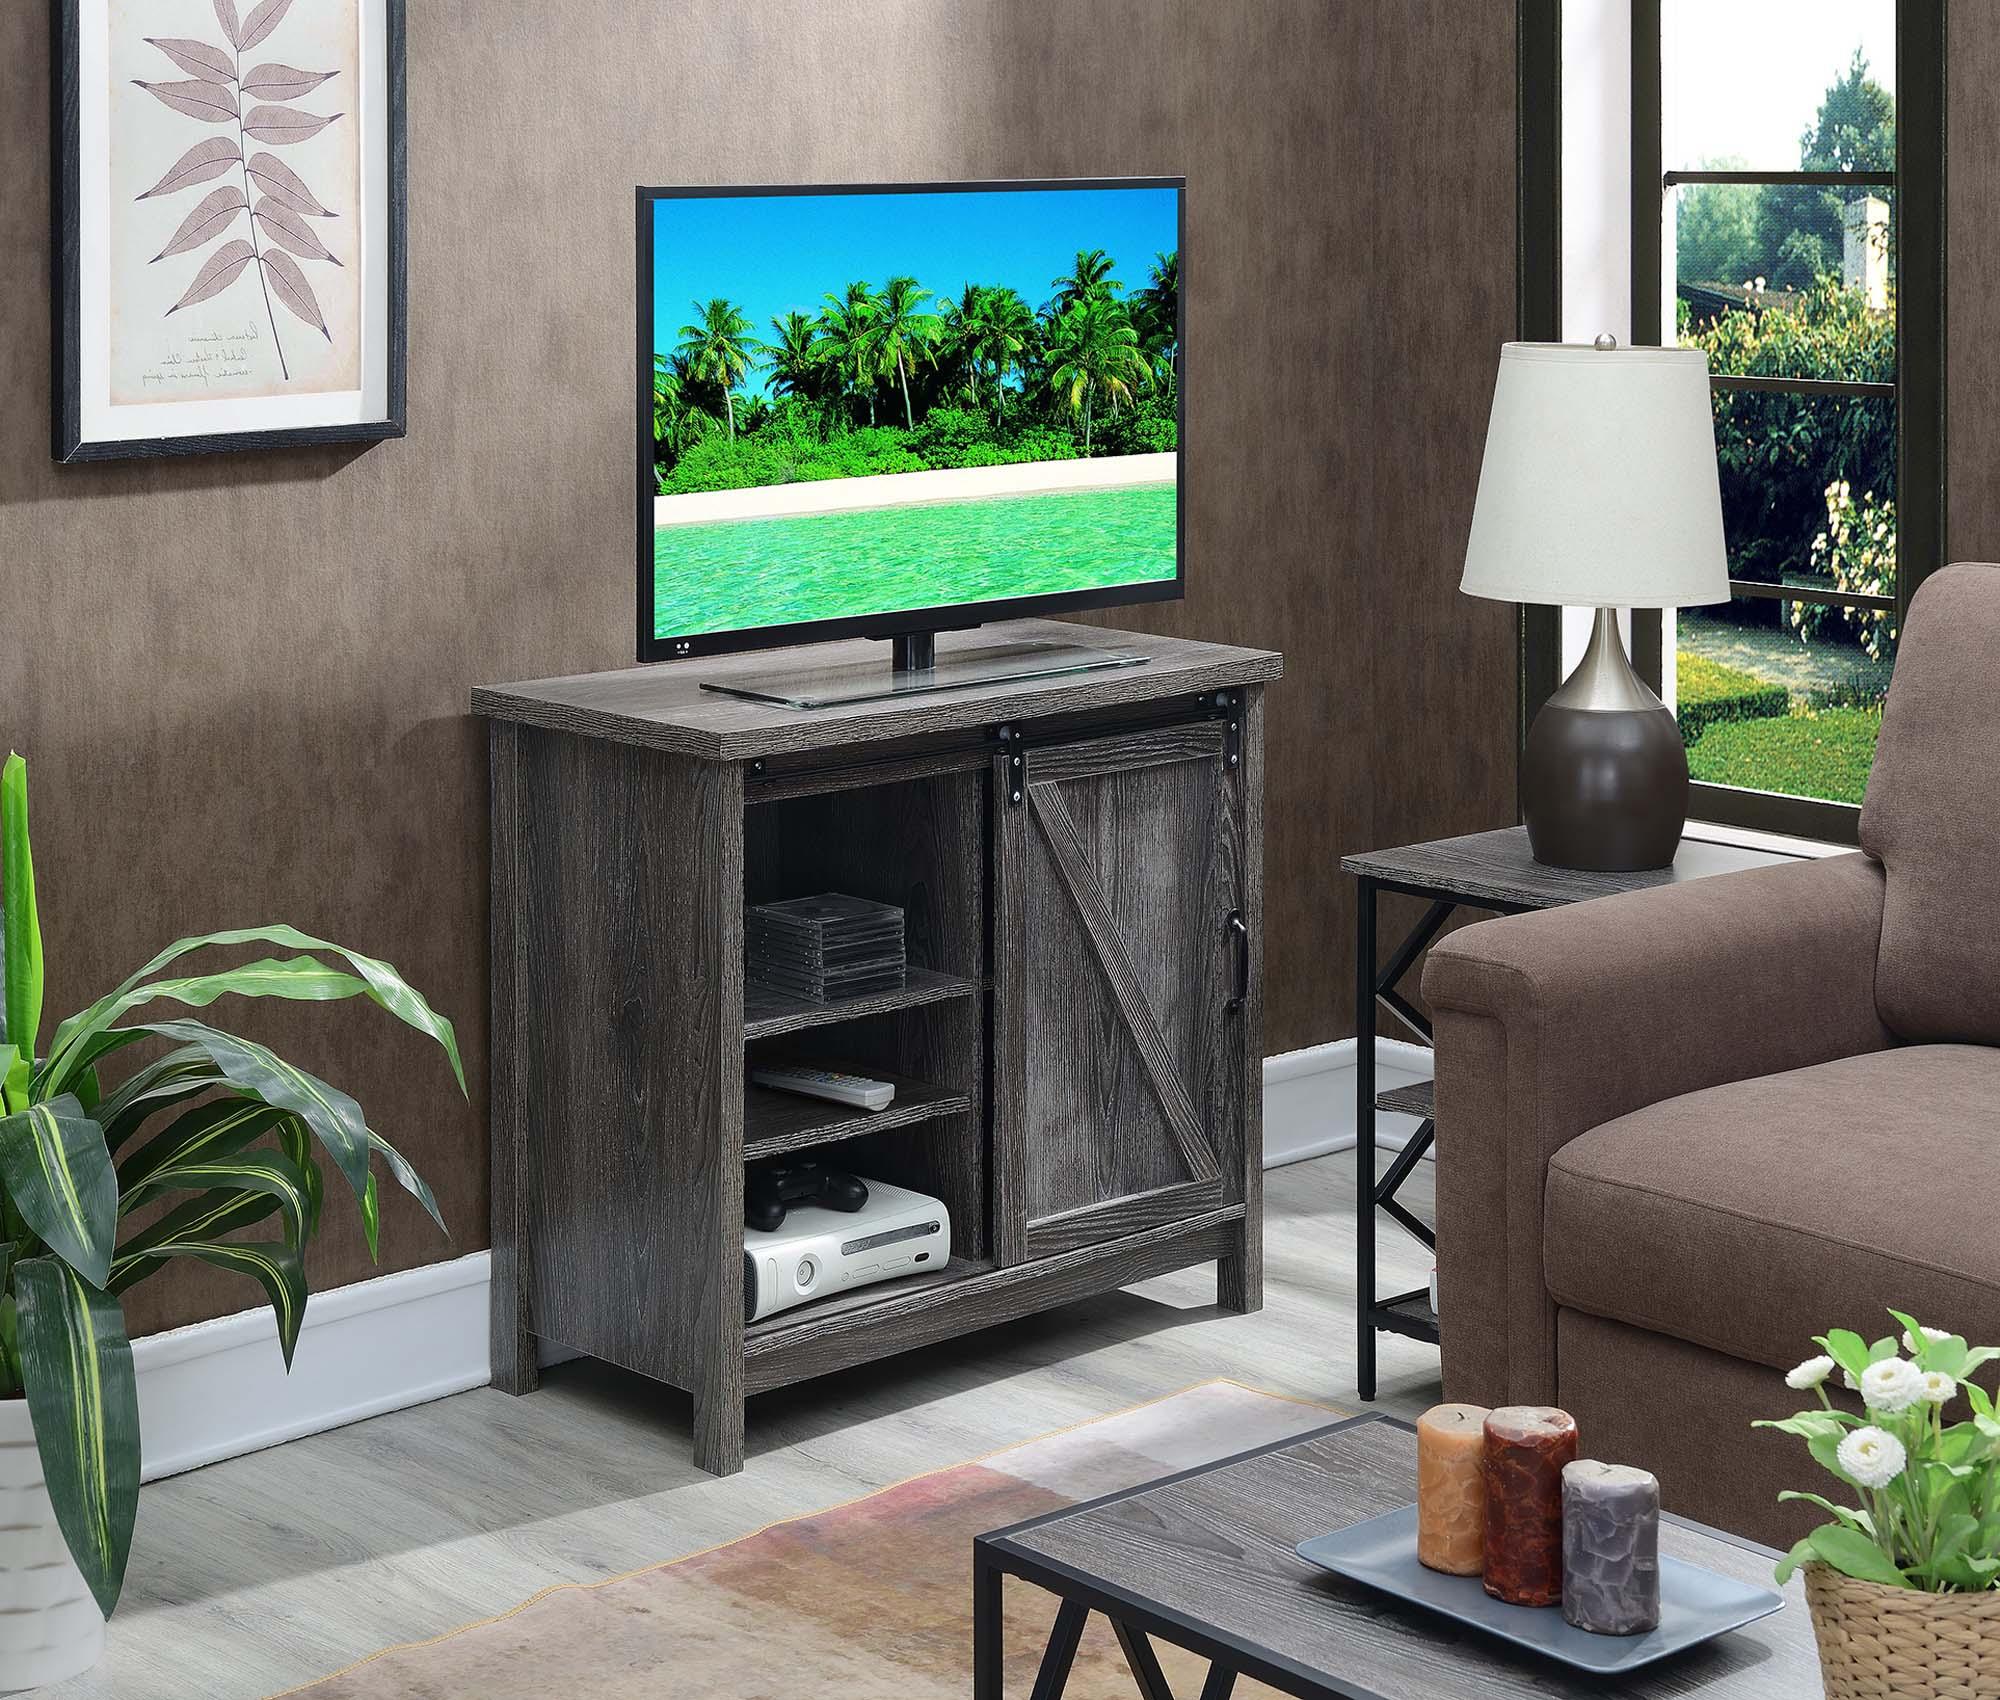 Convenience Concepts Jensen Highboy Barn Door Tv Stand Regarding Barn Door Wood Tv Stands (View 13 of 20)